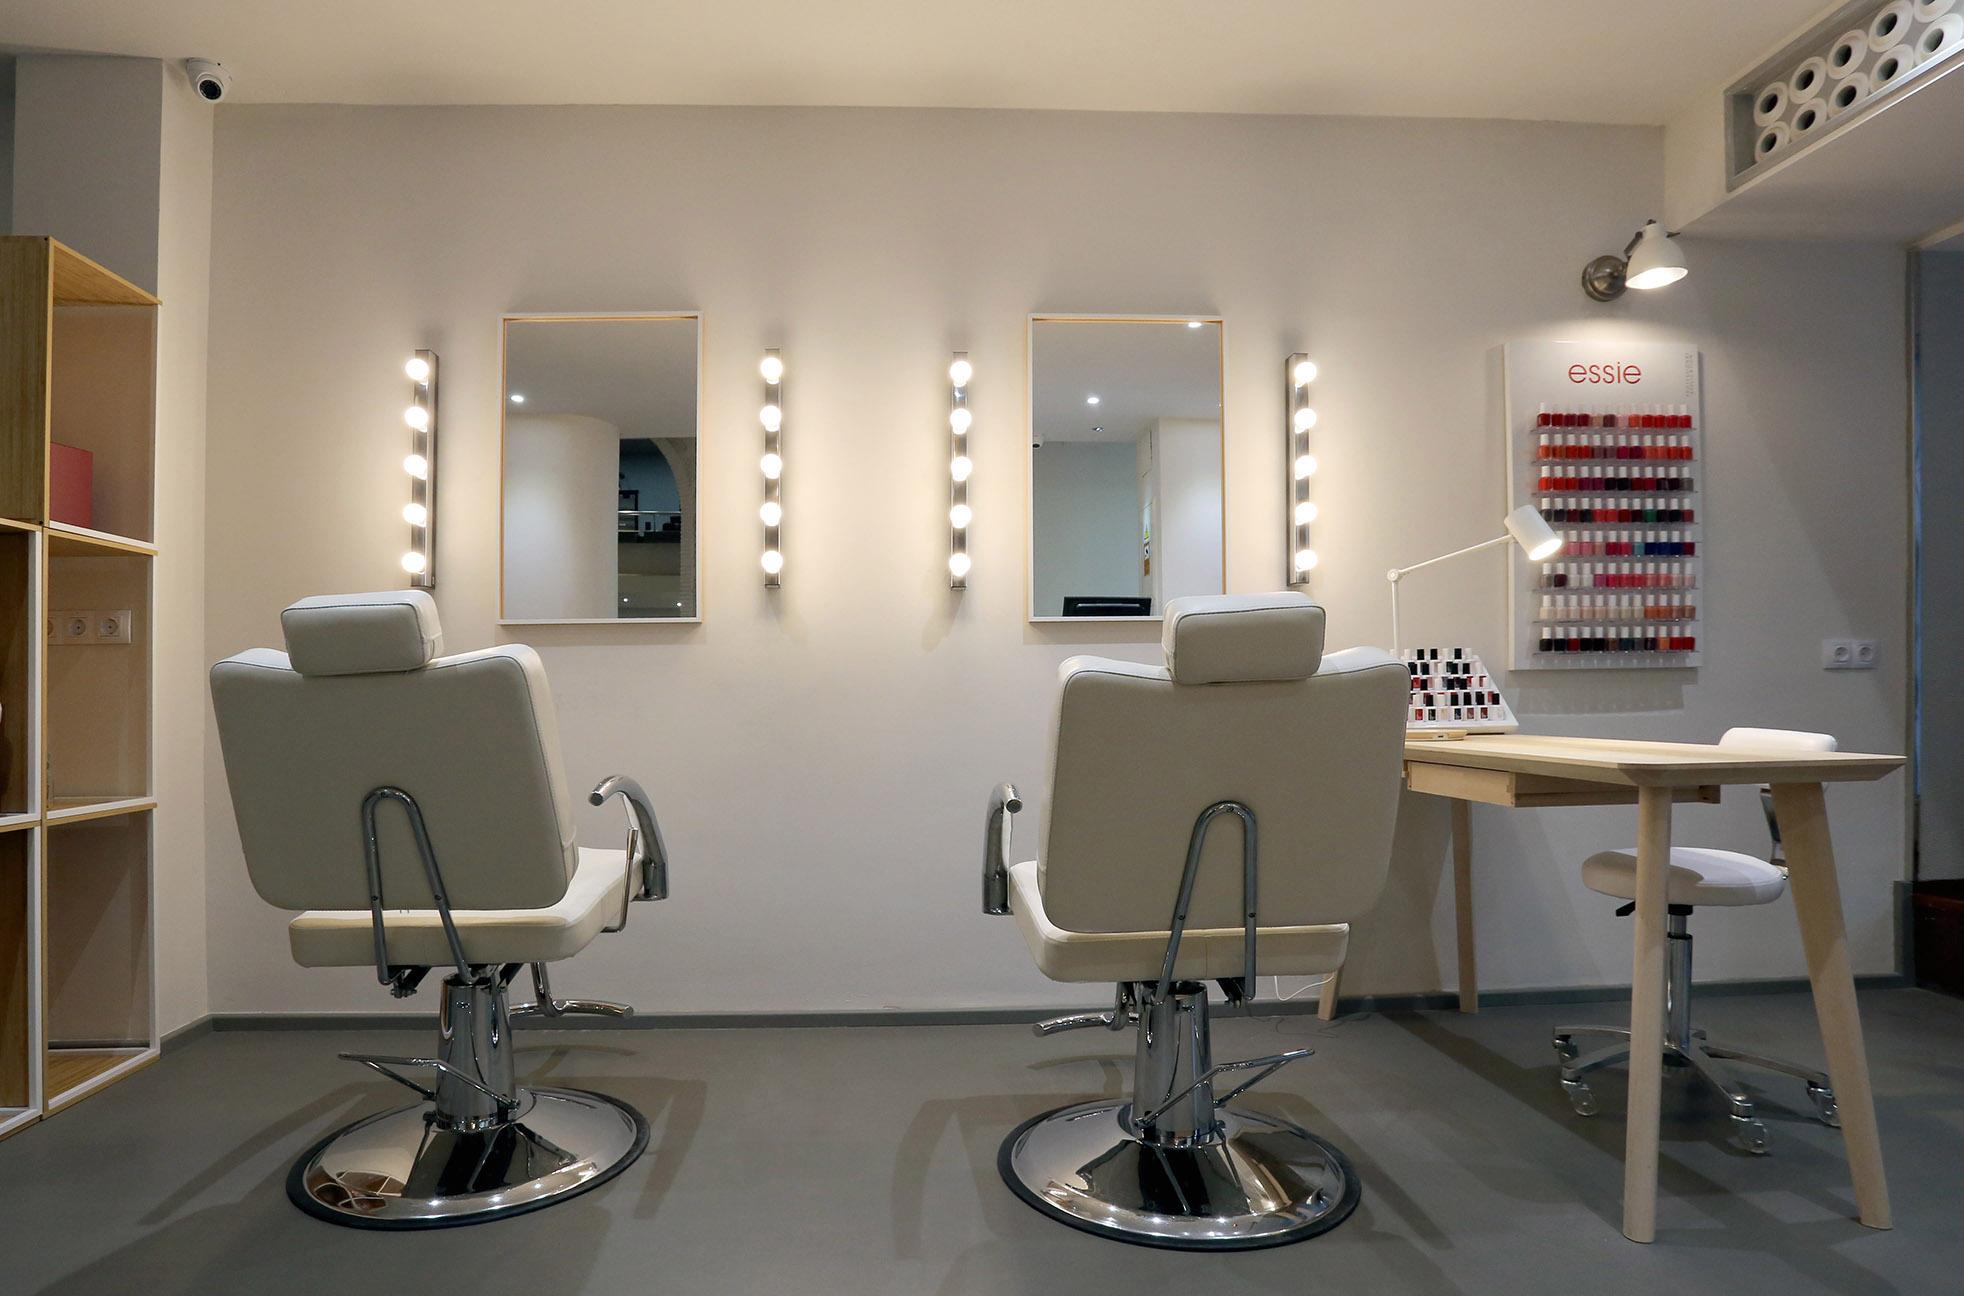 Estudio deluxe voga transformaci n de un espacio - Salones de peluqueria decoracion fotos ...